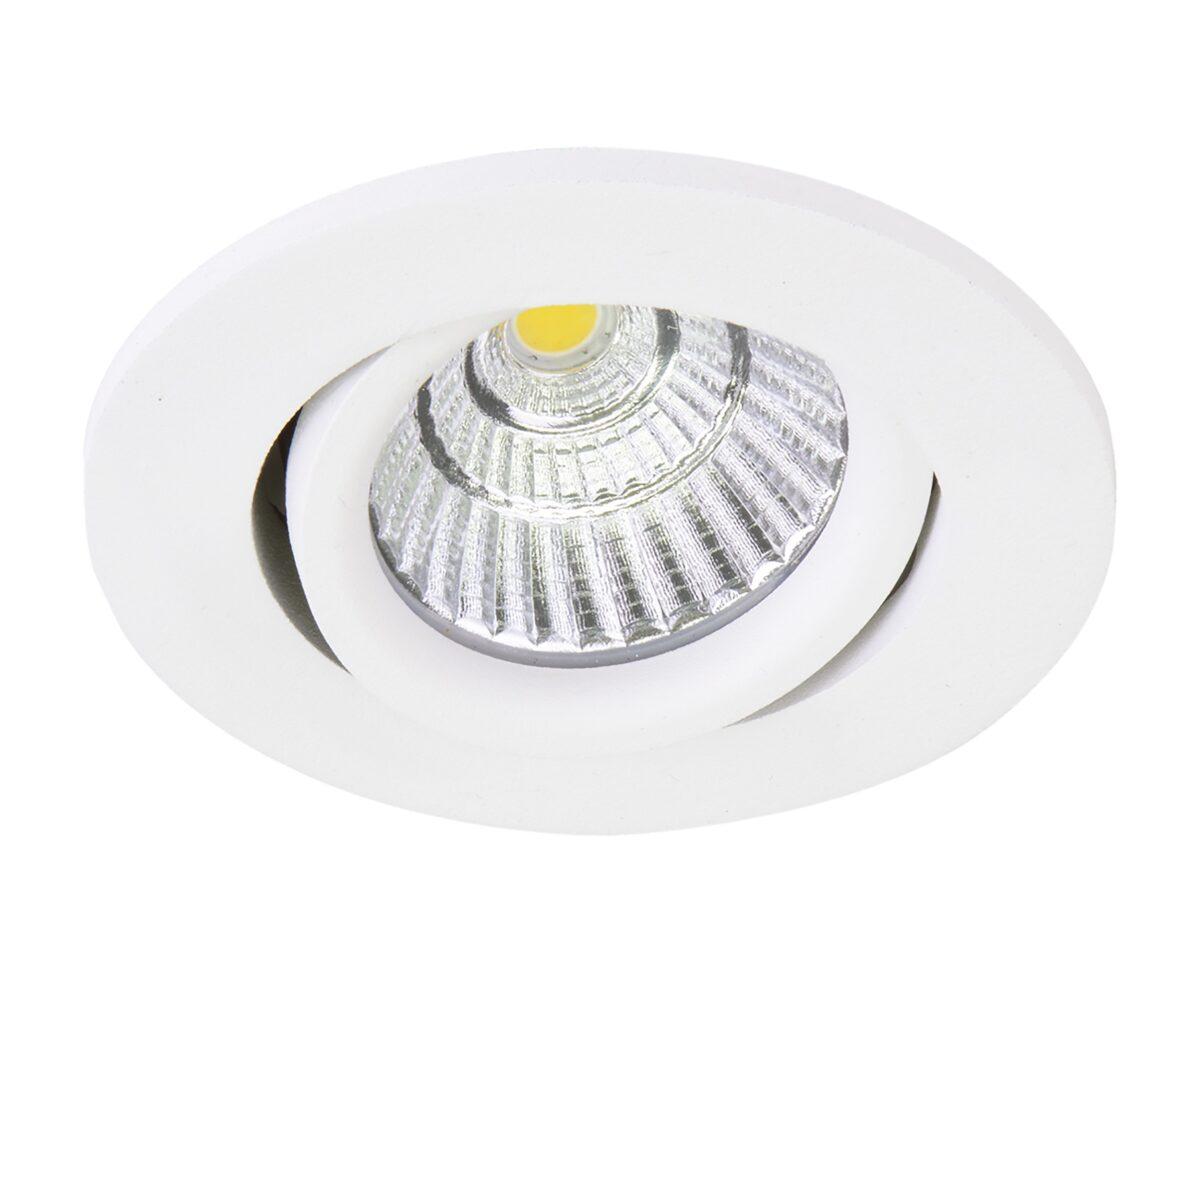 212436 Светильник SOFFI 16 LED 7W 630LM 40G БЕЛЫЙ 3000K (в комплекте)